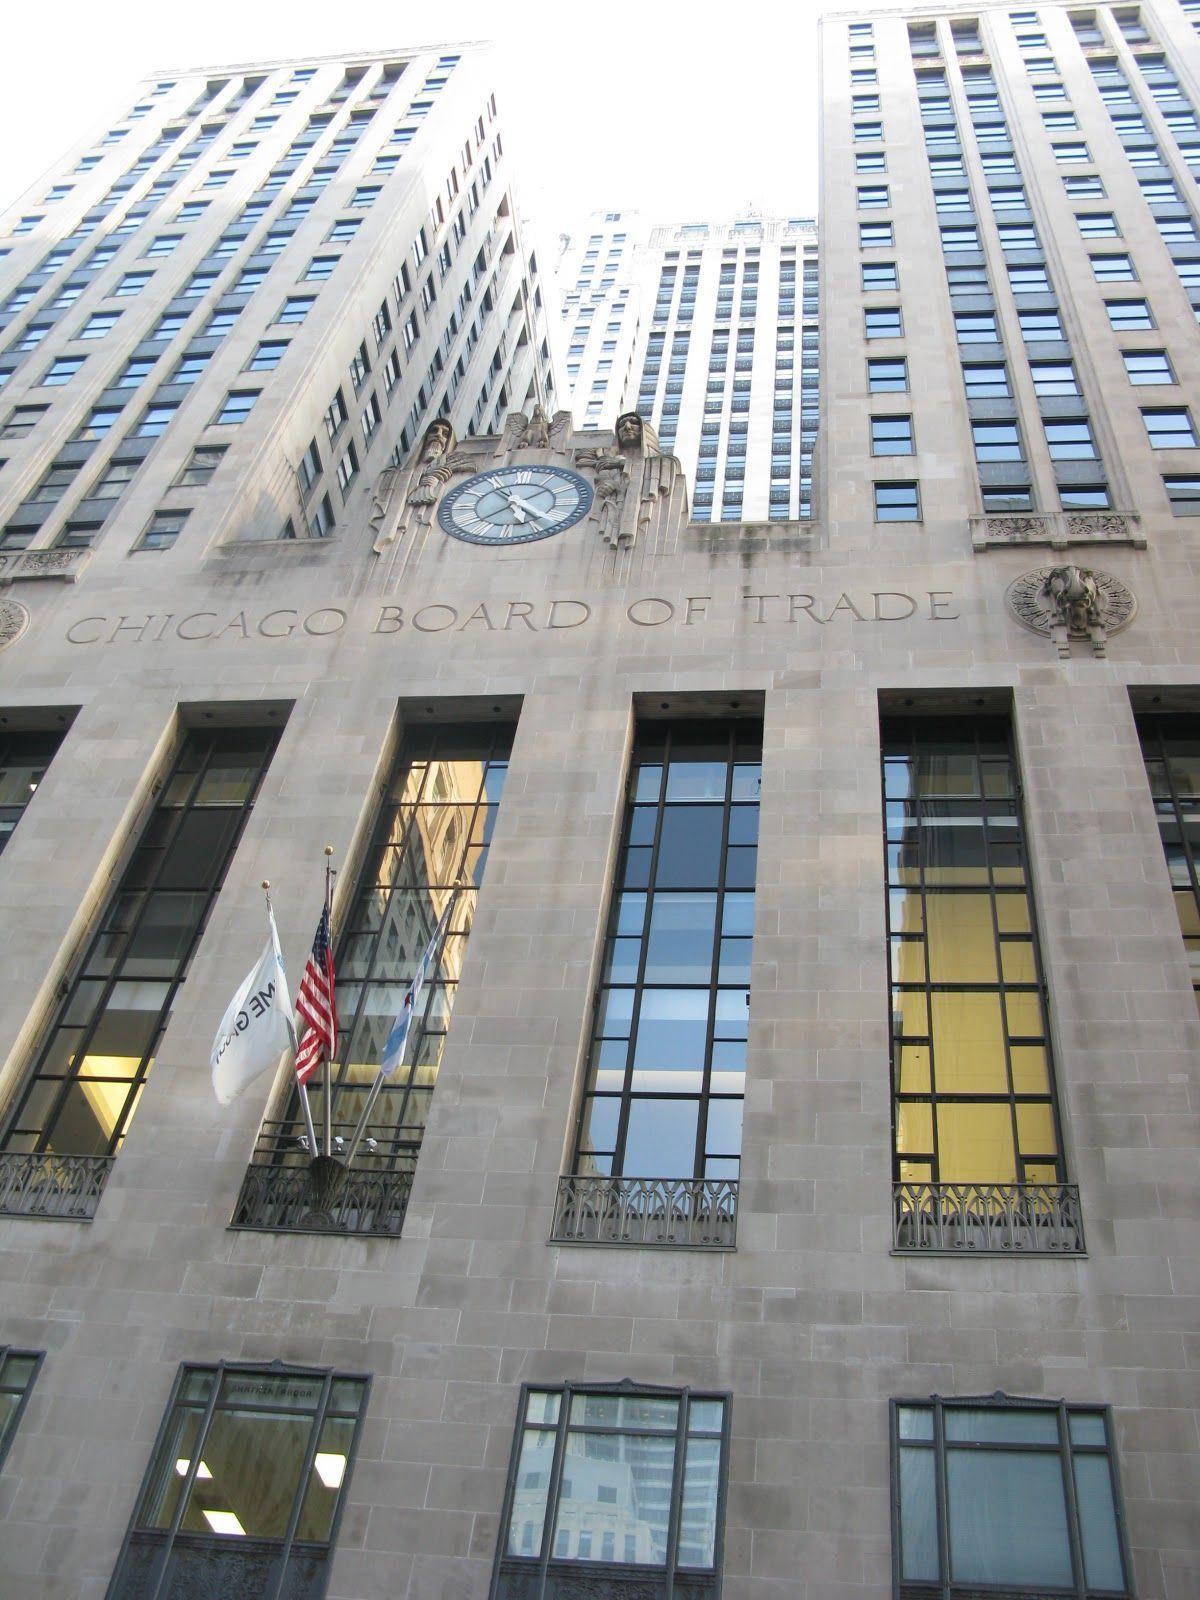 El famoso reloj de la Cámara de Comercio de Chicago que sale en la película Batman Begins